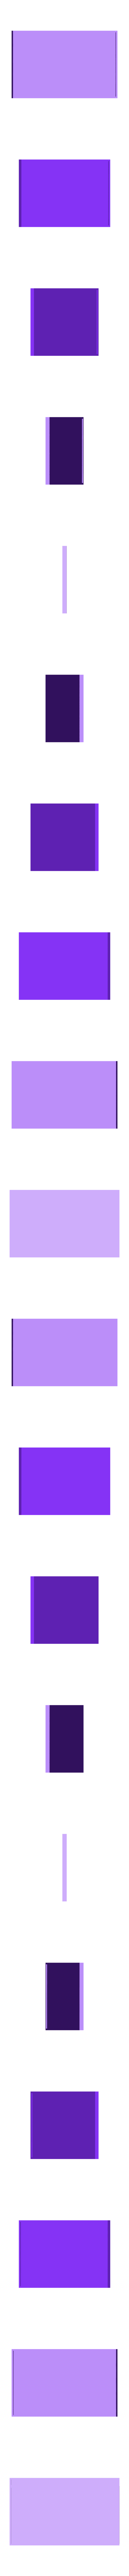 Base_V2.stl Télécharger fichier STL gratuit Niveaux Succulents • Plan pour imprimante 3D, Isi8Bit